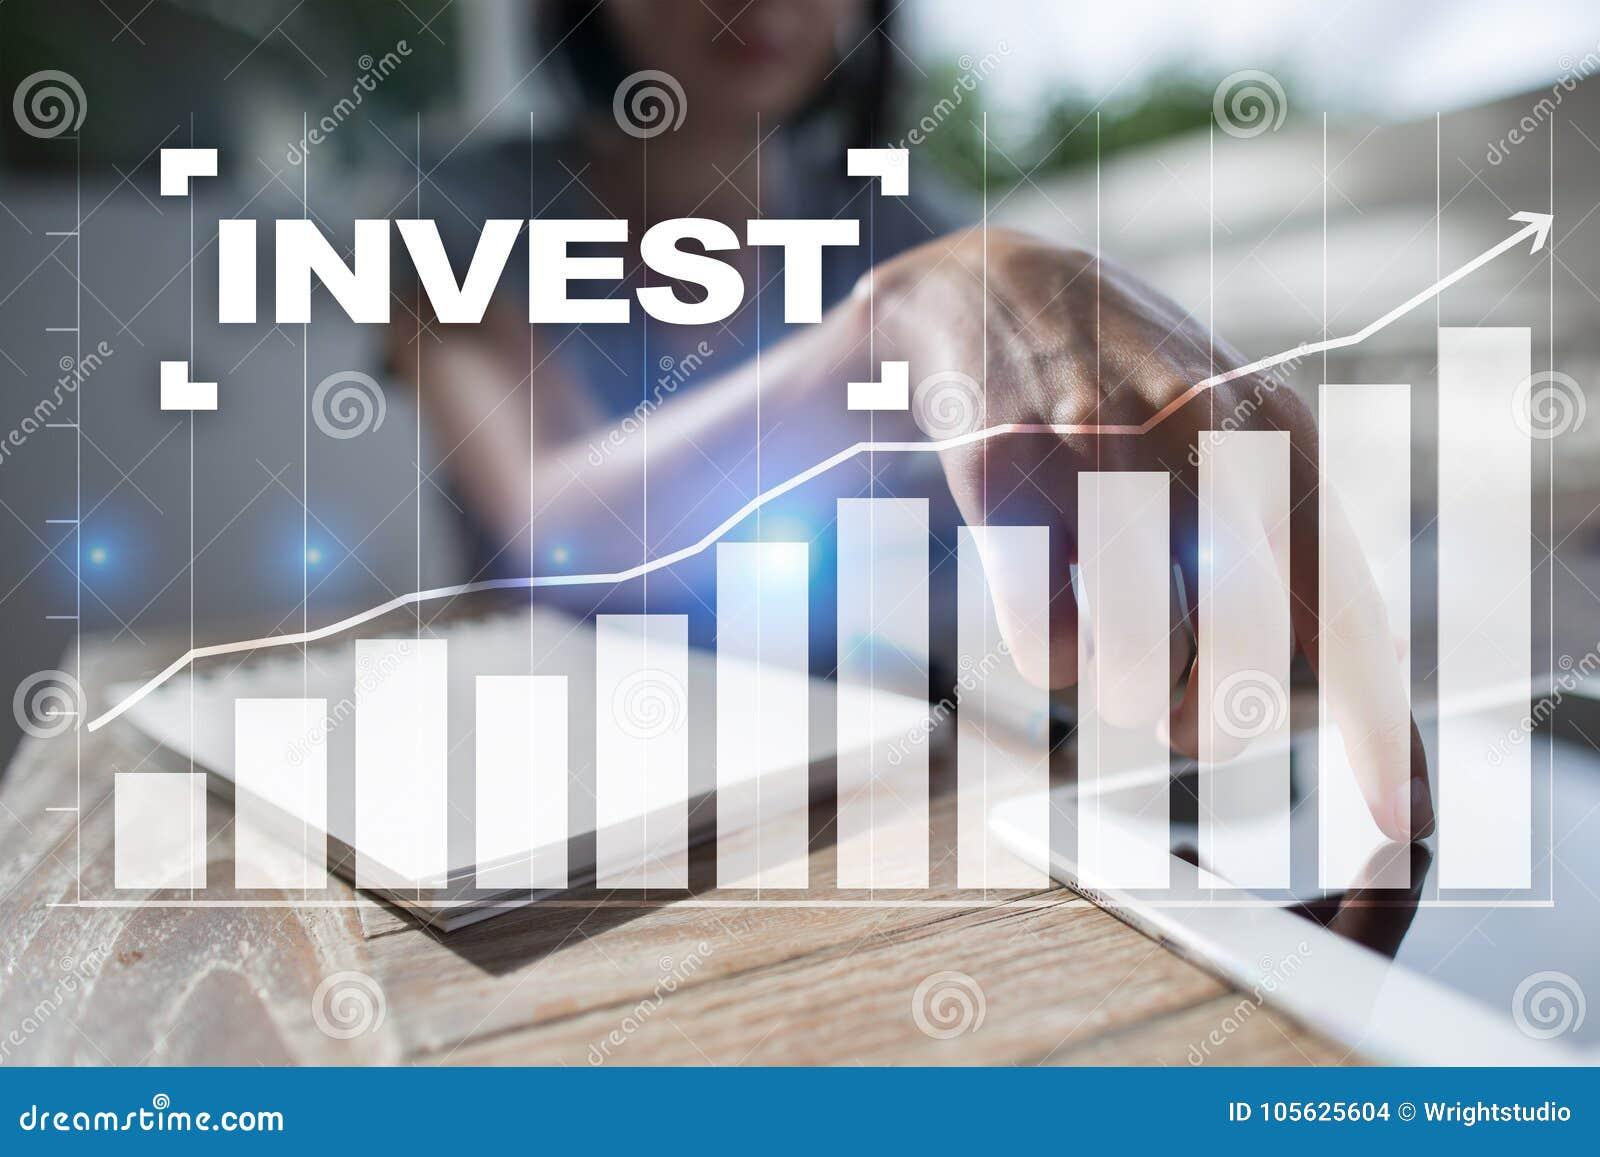 Investeer Rendement van investering Financiële Growth Technologie en bedrijfsconcept